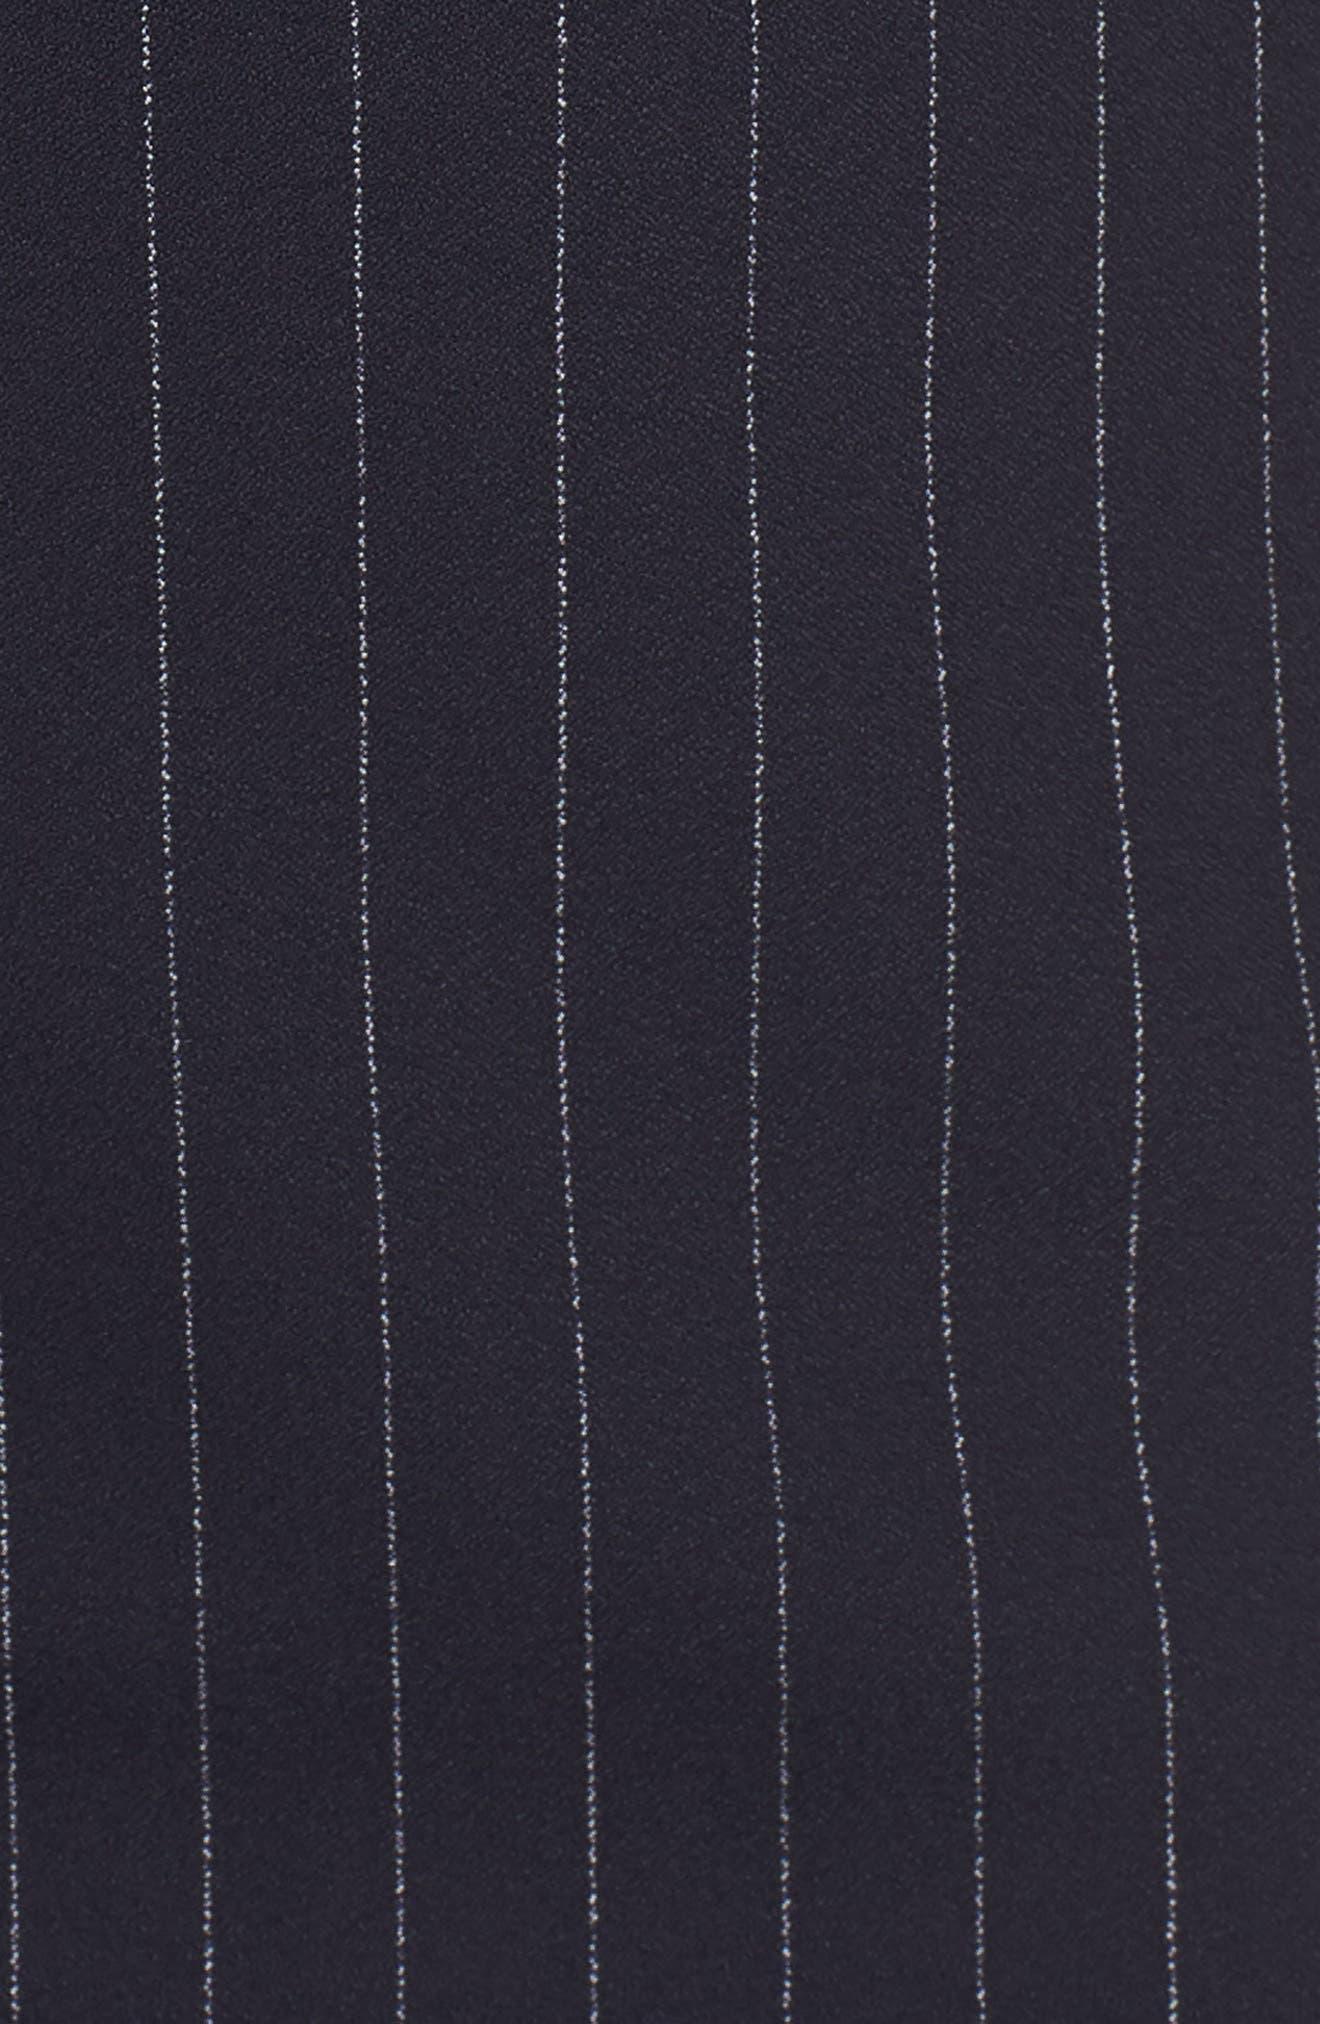 Dalayara Pinstripe Sheath Dress,                             Alternate thumbnail 5, color,                             461